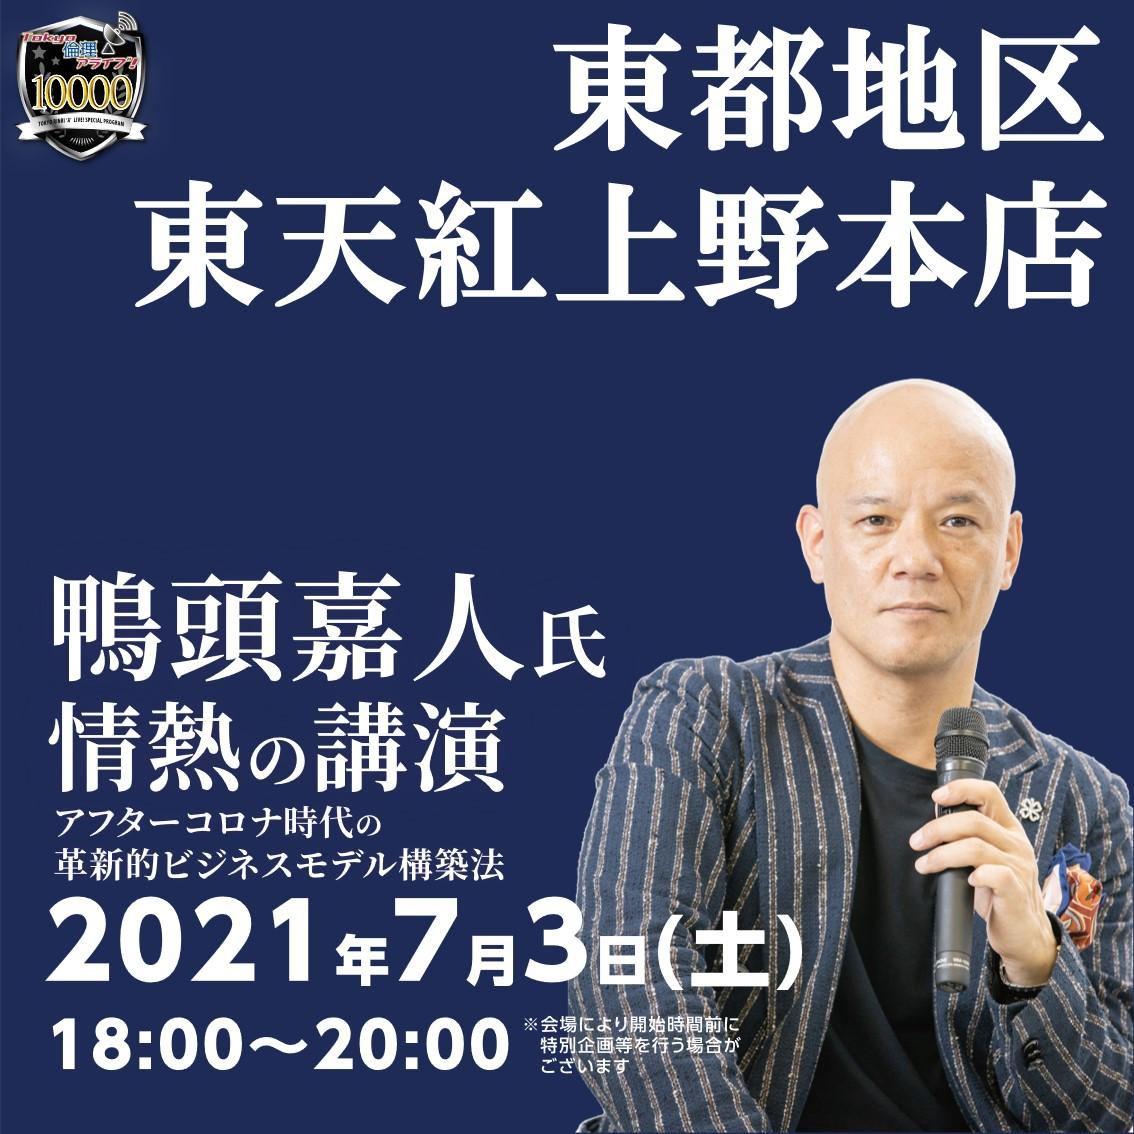 【東都地区】倫理アライブ10000サテライト会場【東天紅 上野本店】